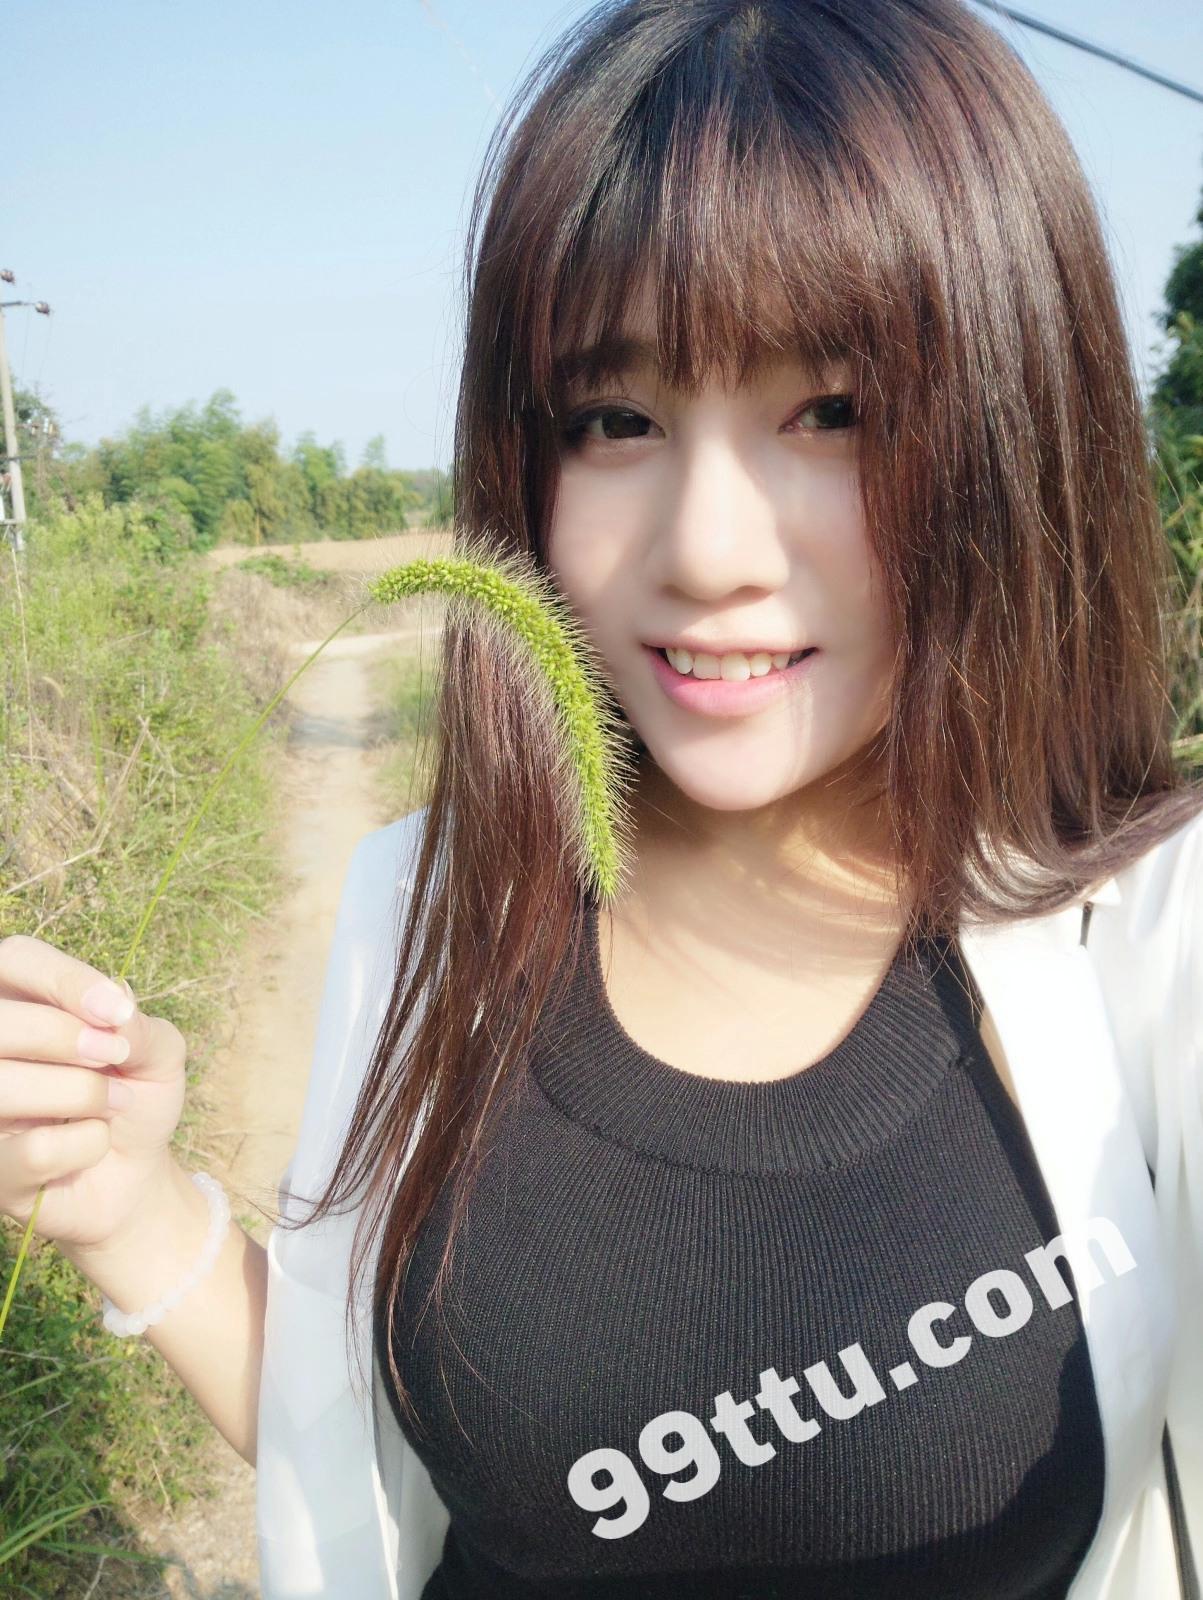 KK68_1464图+6个视频 青春可爱美女无水印高清生活照-12